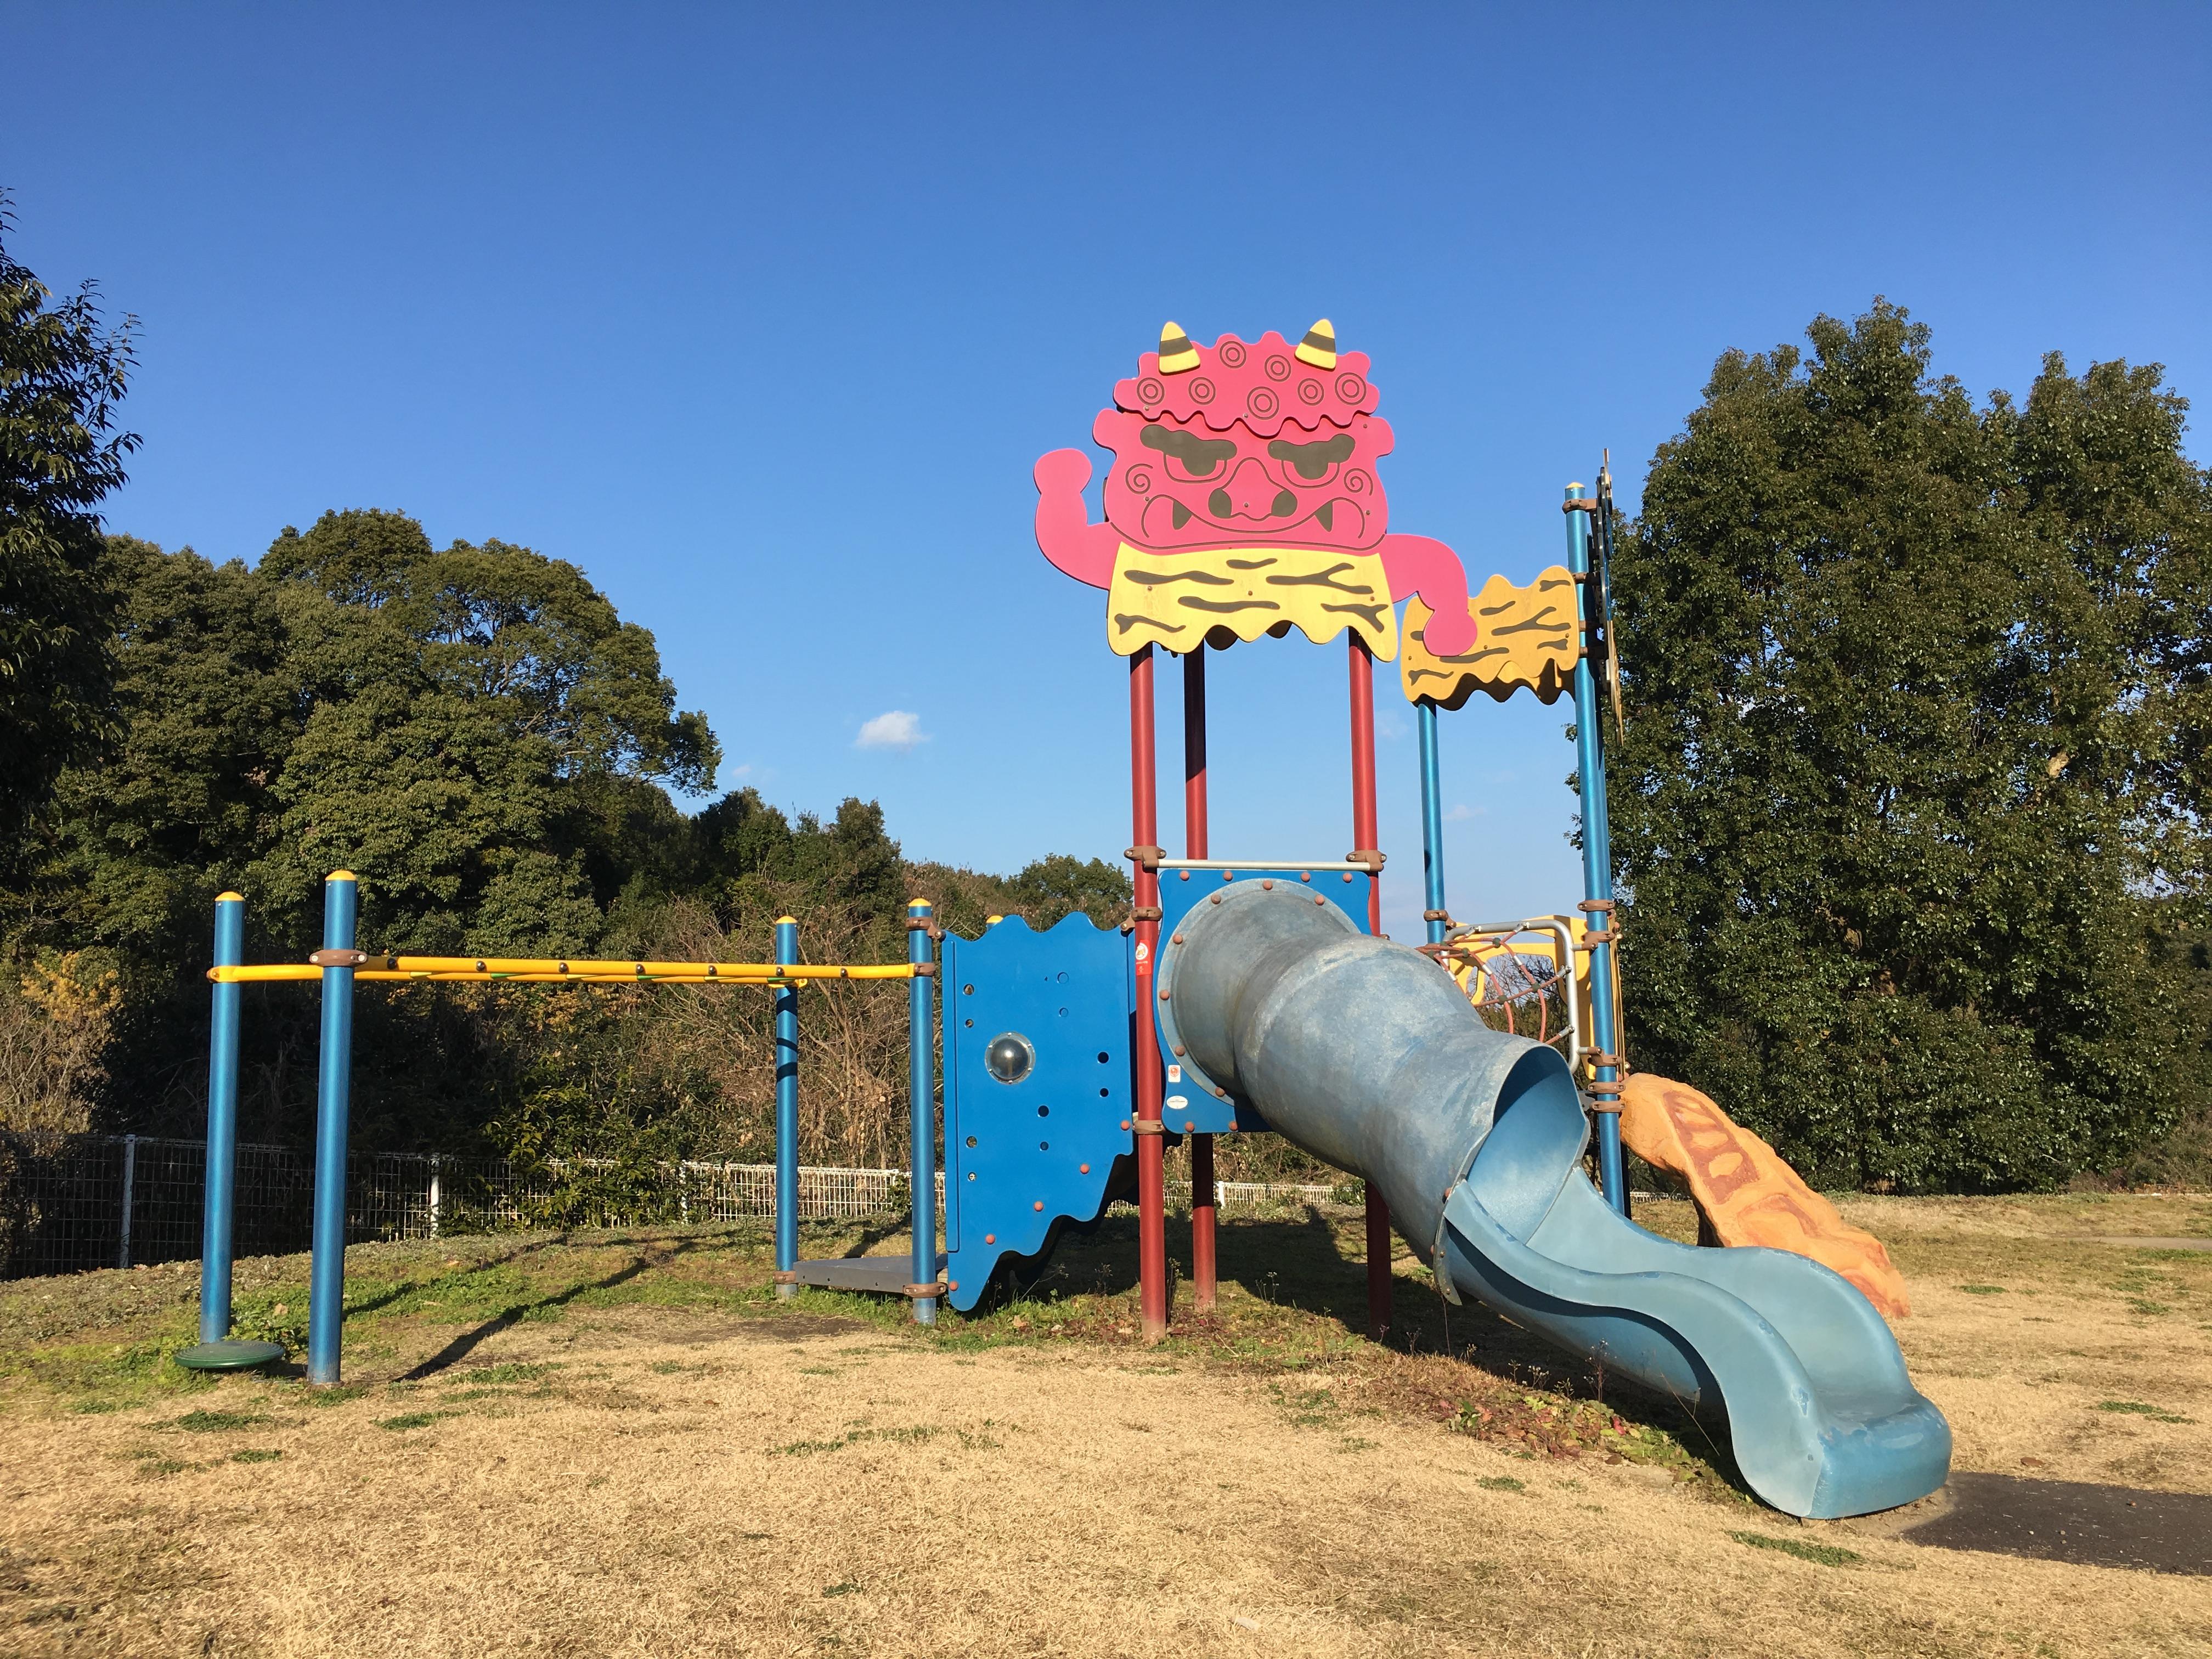 【鬼の城公園】天草五和町、遊具・噴水!沢山の鬼に子どもビビる